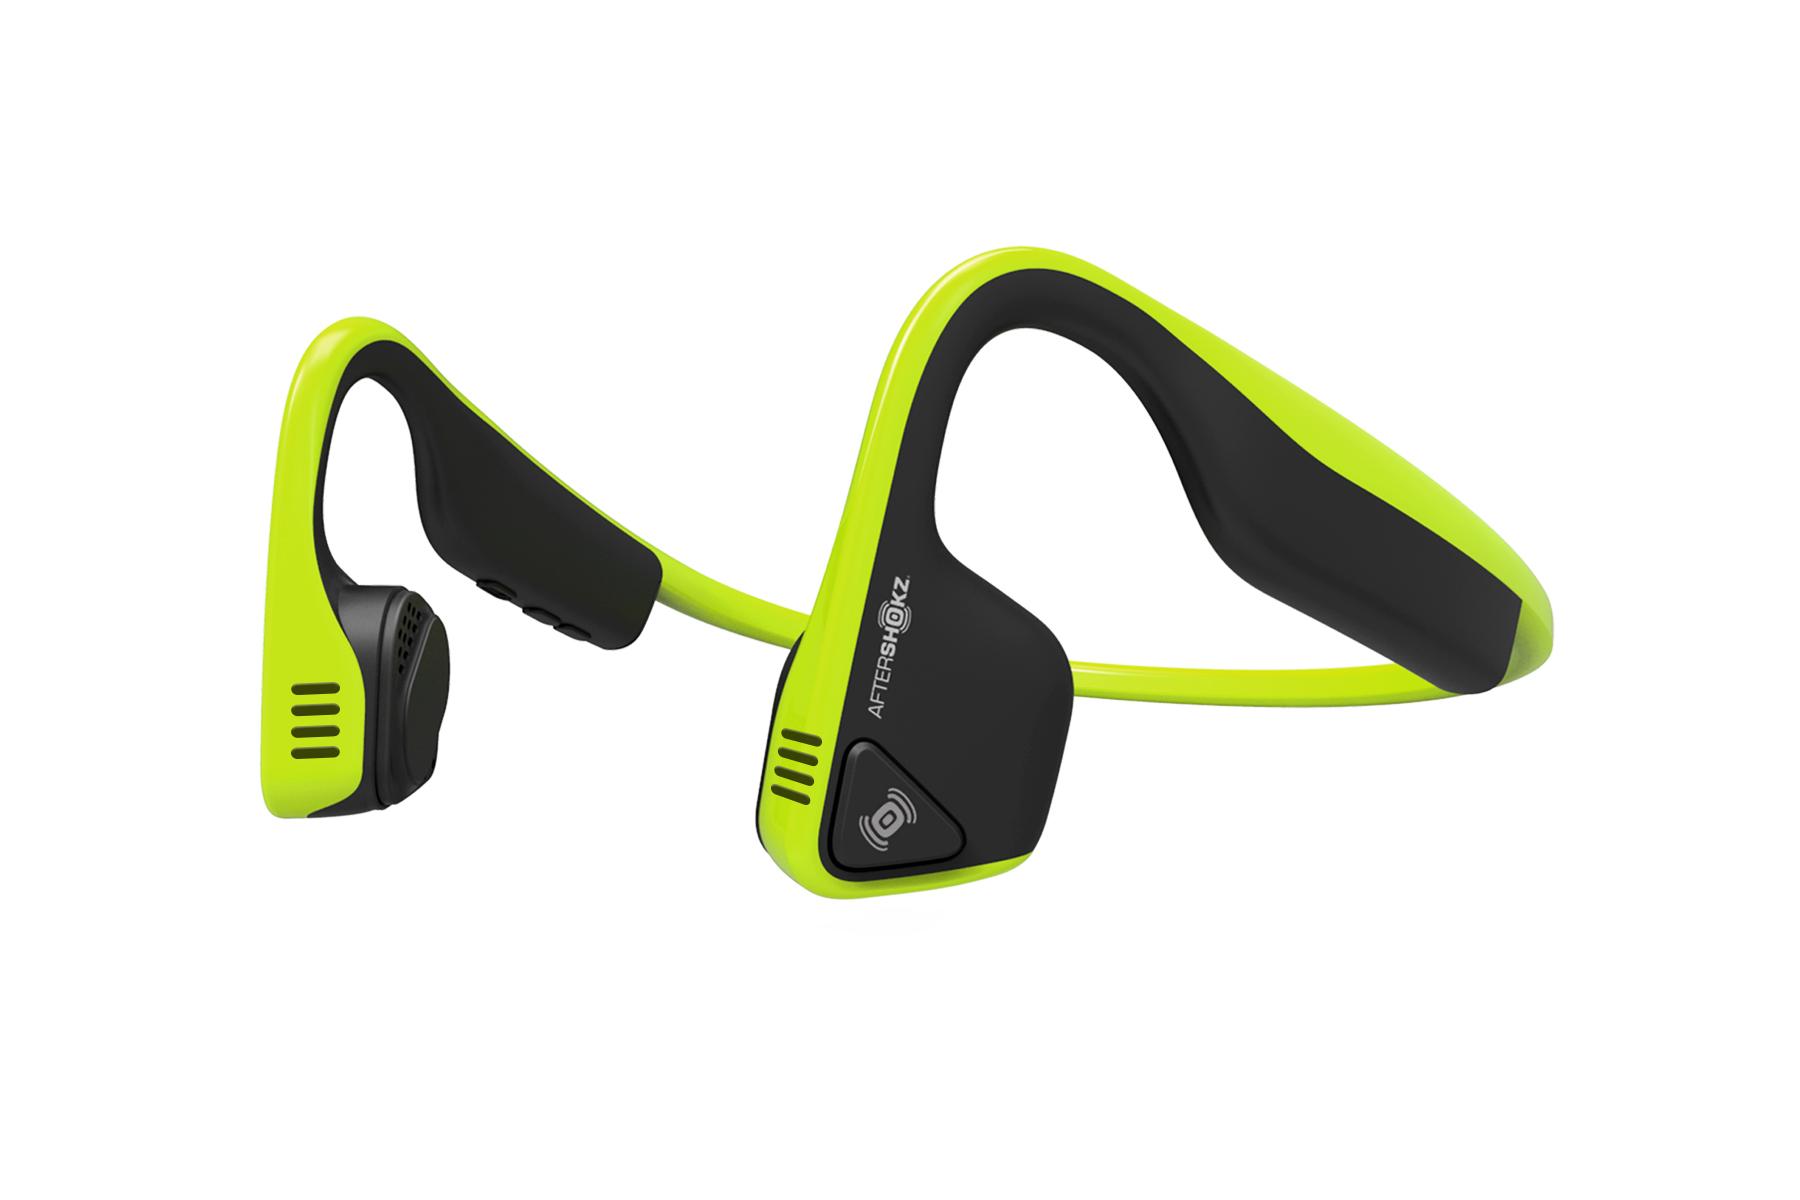 Рис. 4. Беспроводные Aftershokz Bluez 2 Wireless Bone Conduction Headphones